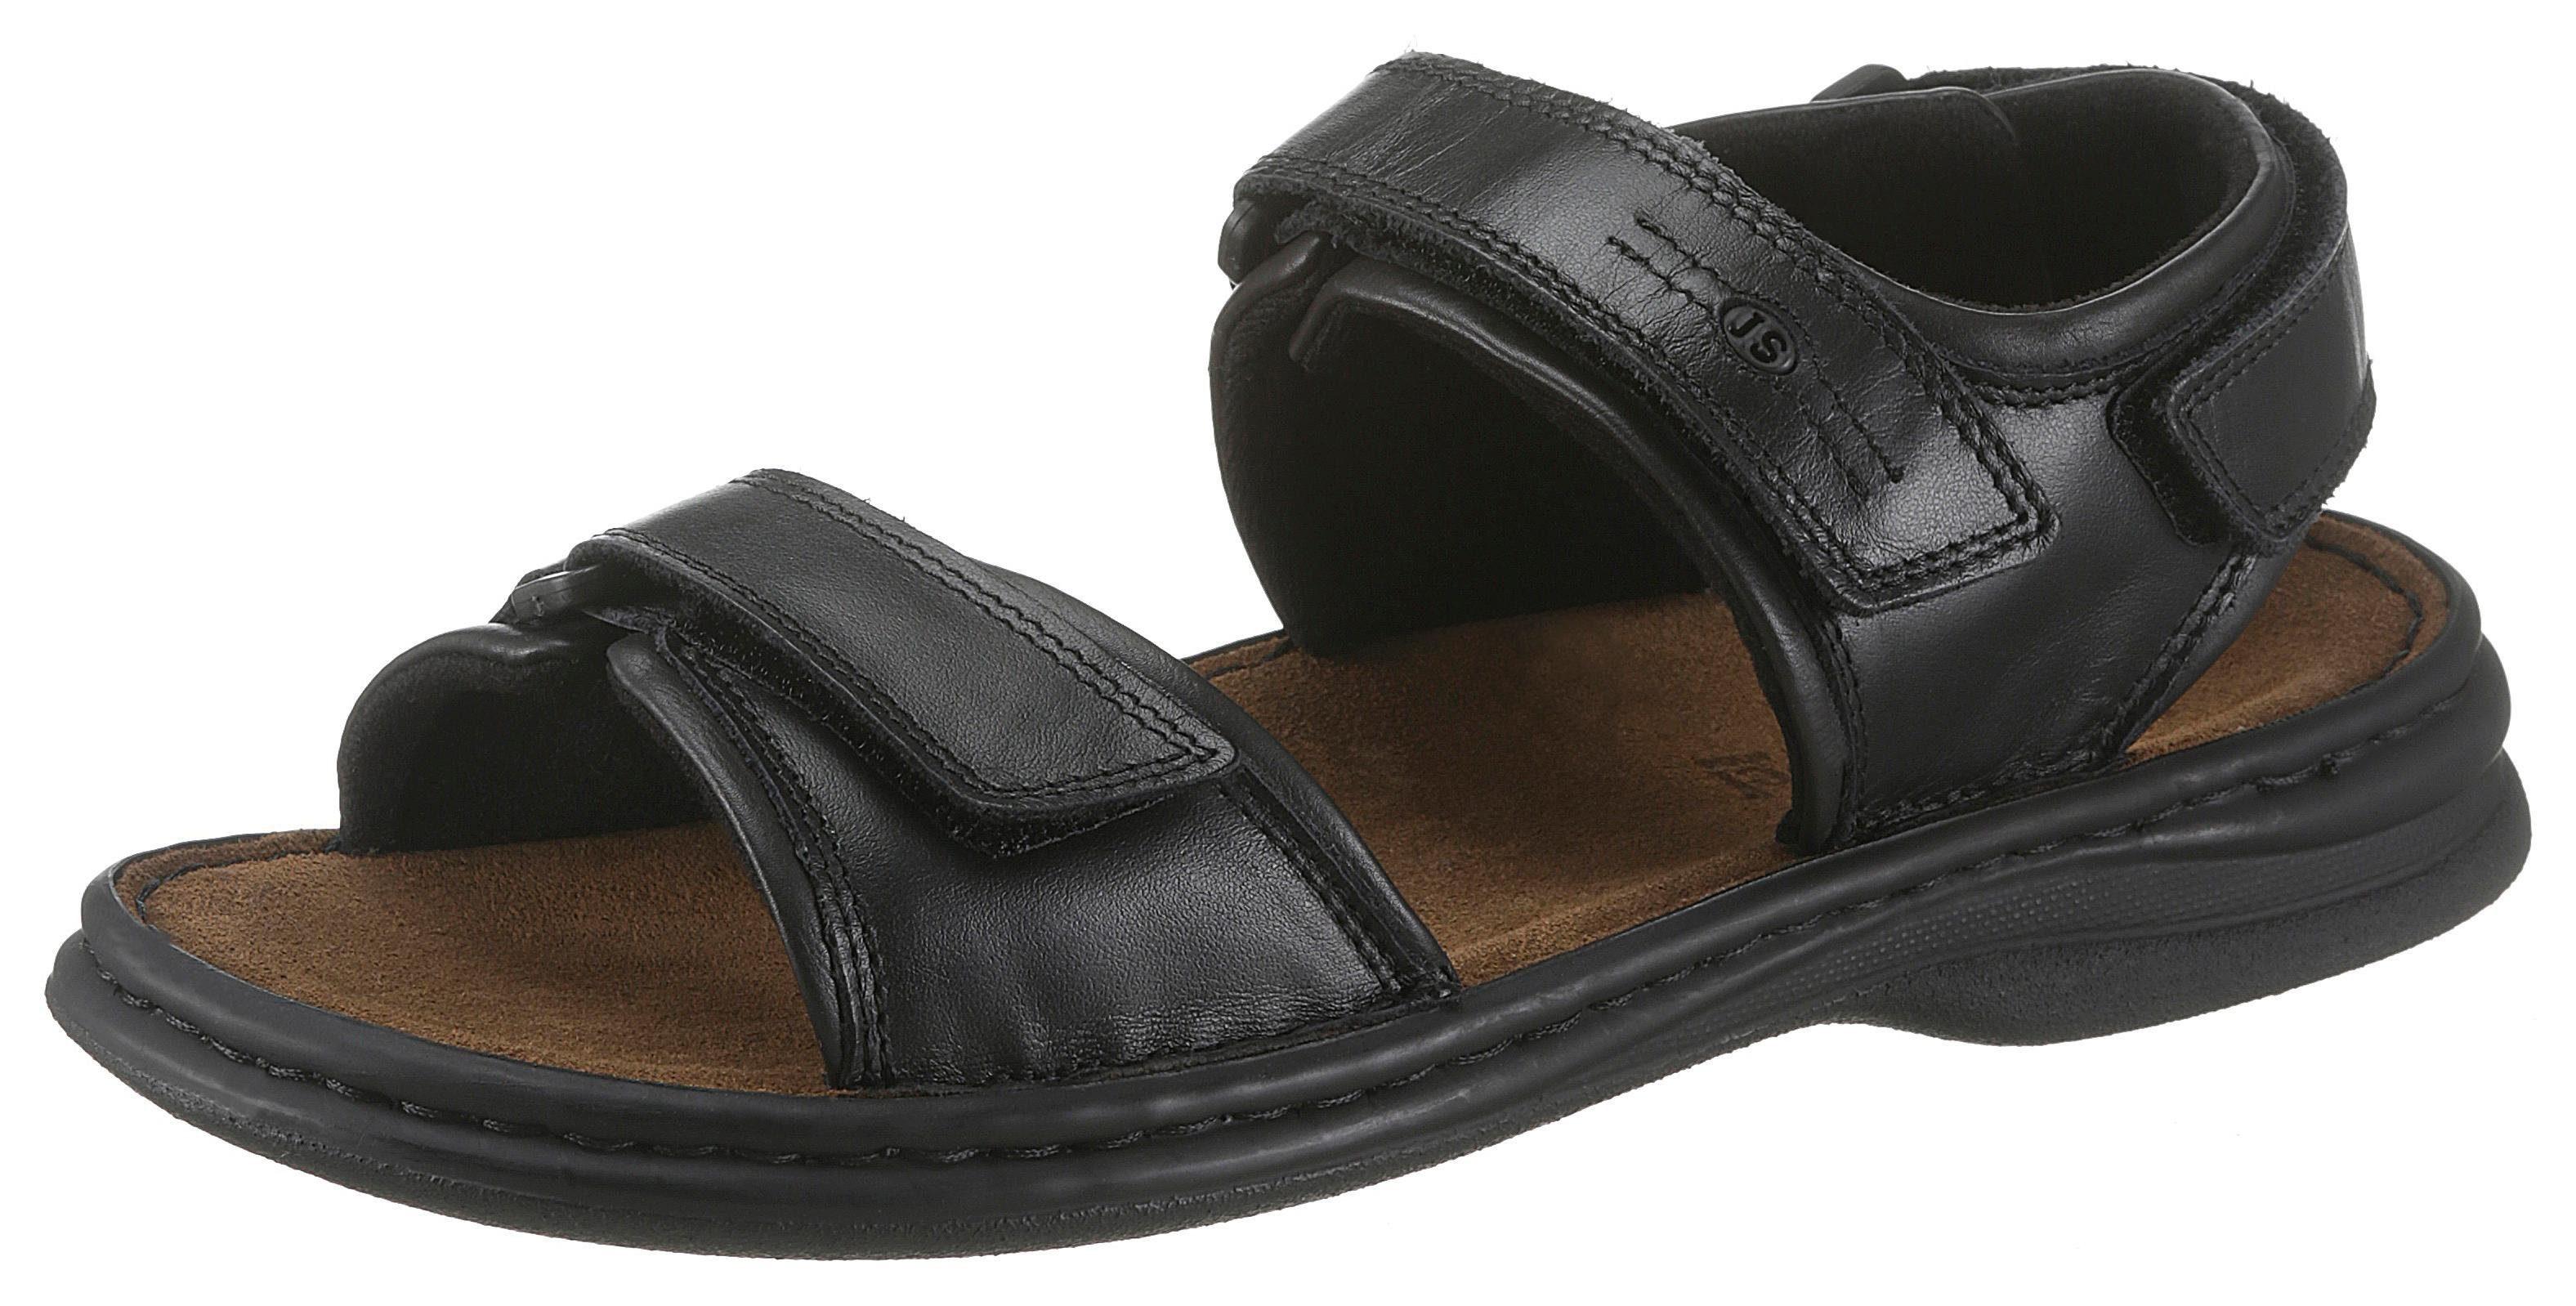 Josef Seibel »Rafe« Sandale mit praktischem 3 fach Klettverschluss online kaufen   OTTO